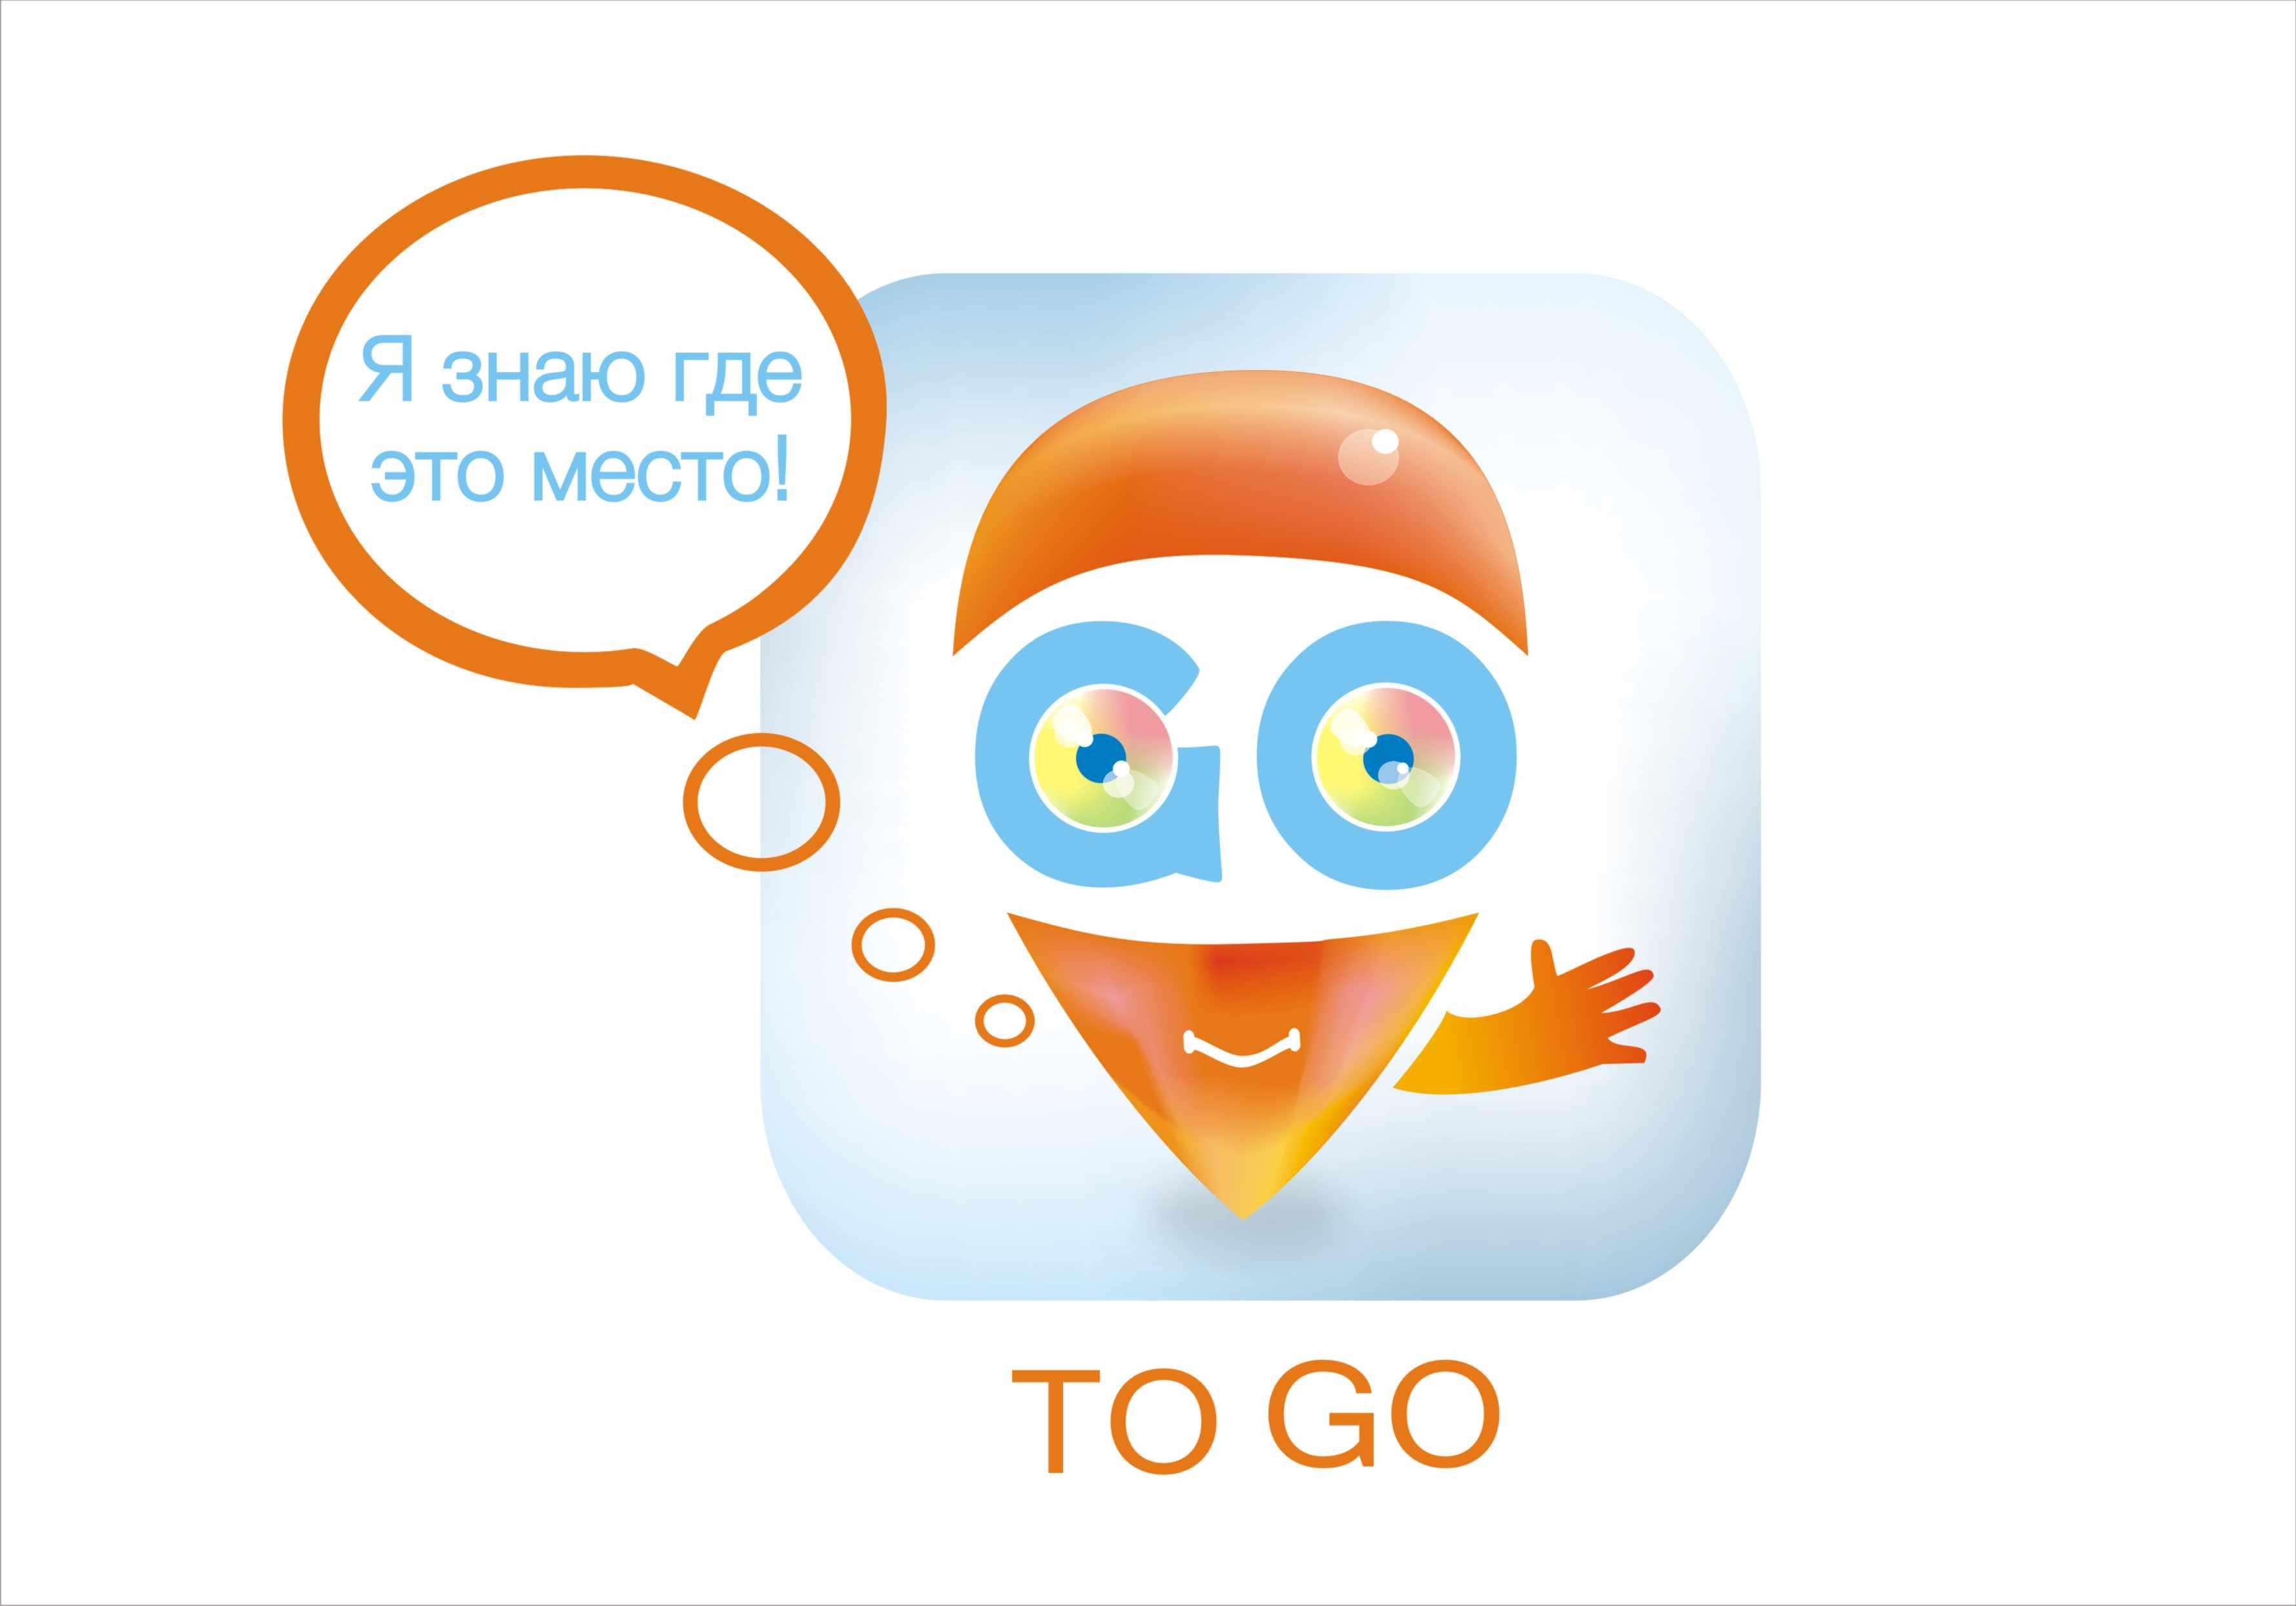 Разработать логотип и экран загрузки приложения фото f_2475a83f6fe48d5b.jpg